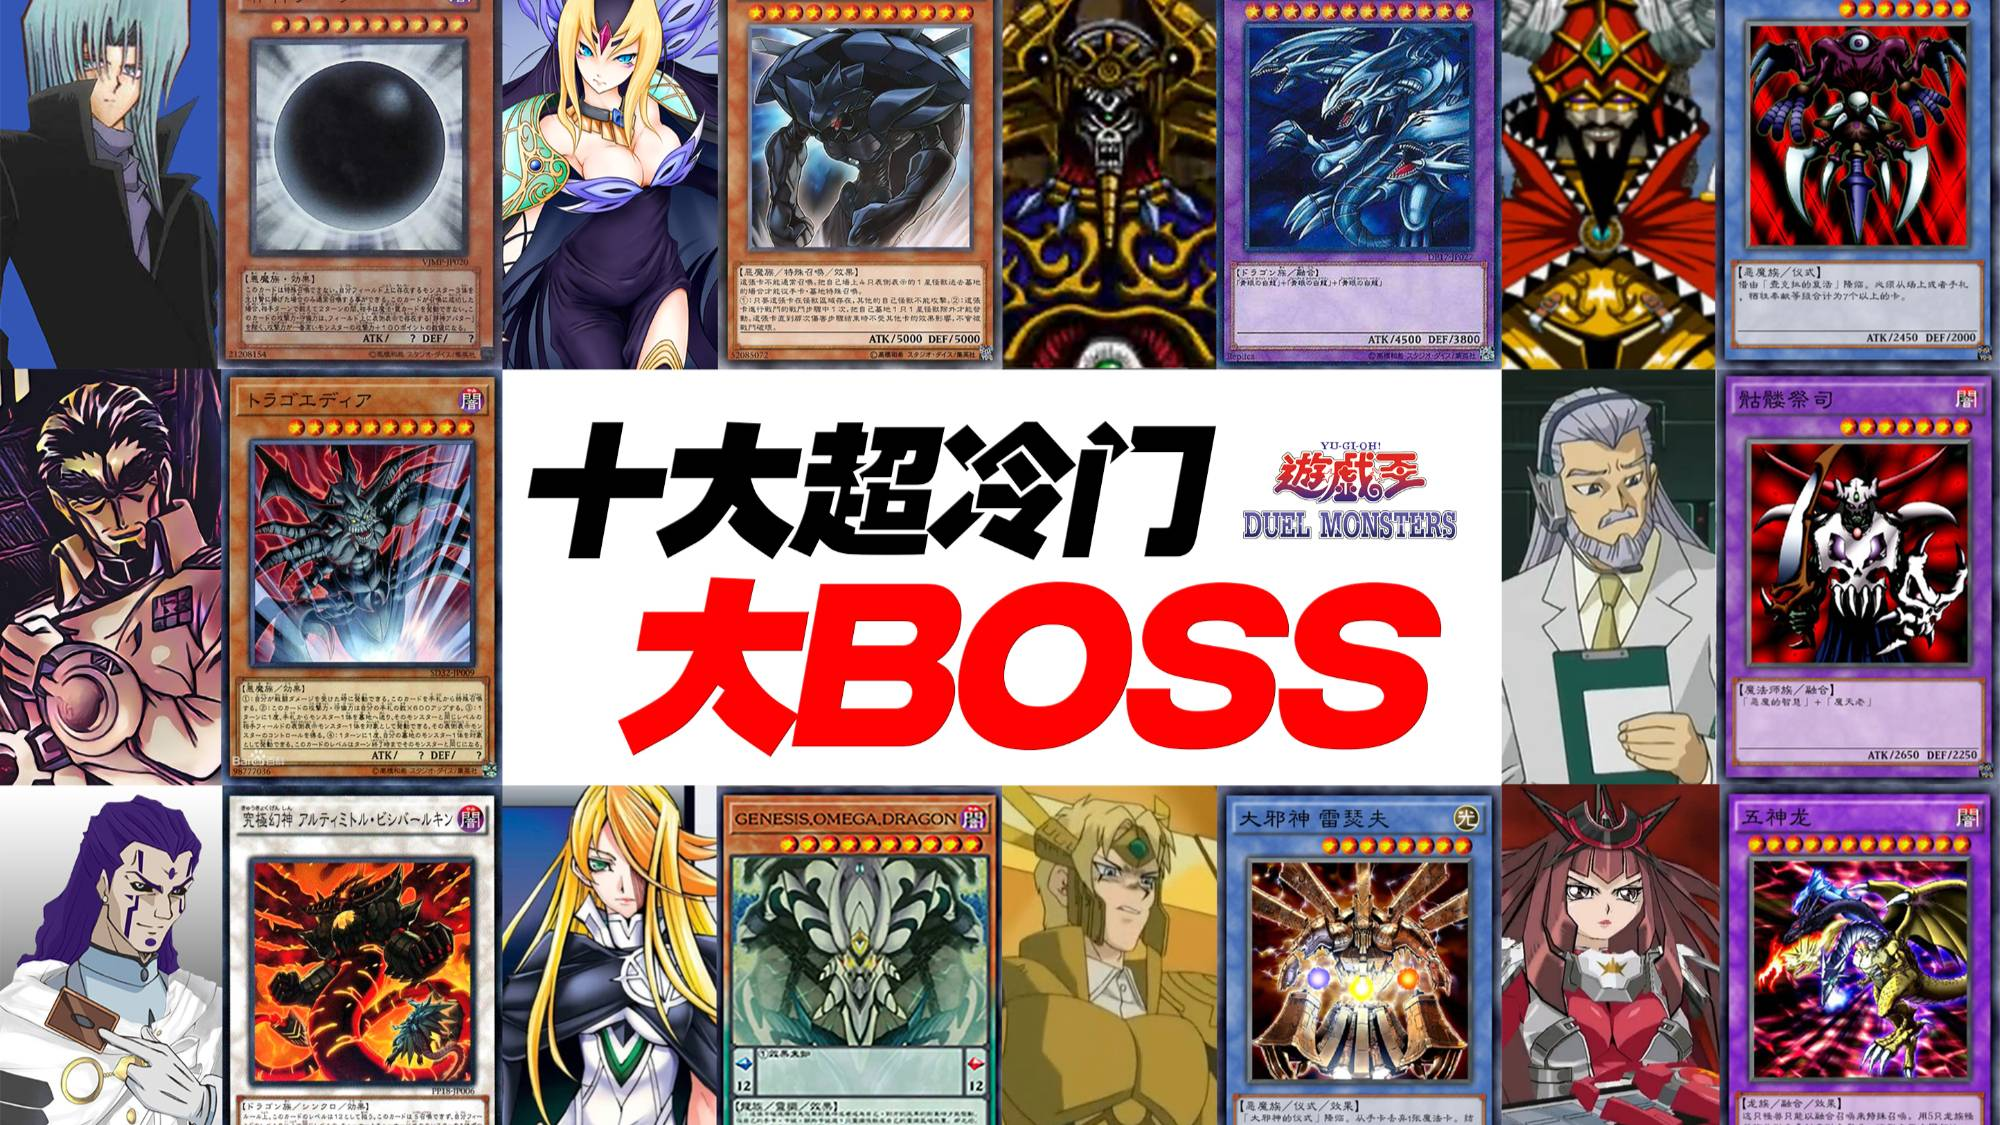 游戏王在20年的岁月里被埋没的10个boss!那些遗忘在黑历史中的灭世魔王们